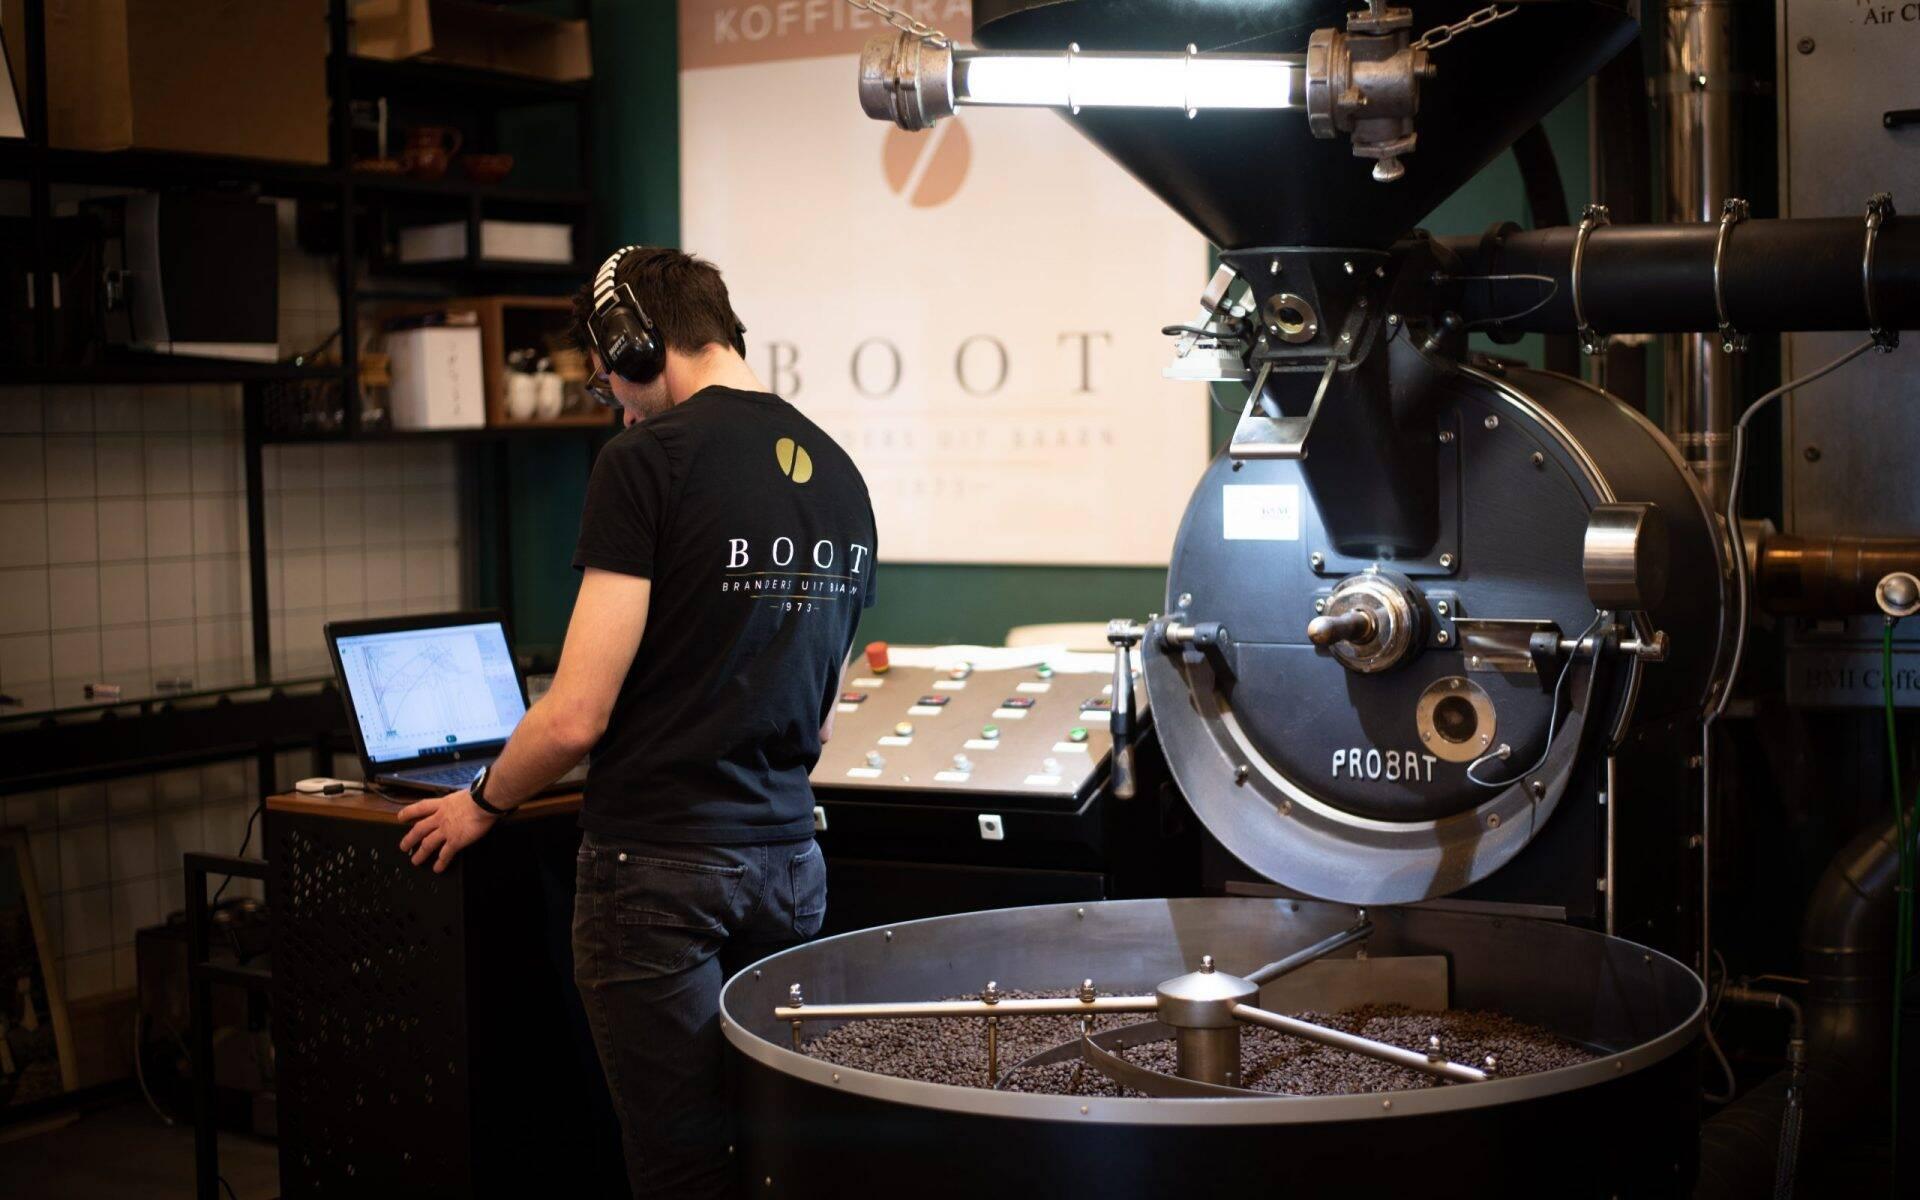 BOOT Koffie Amersfoort